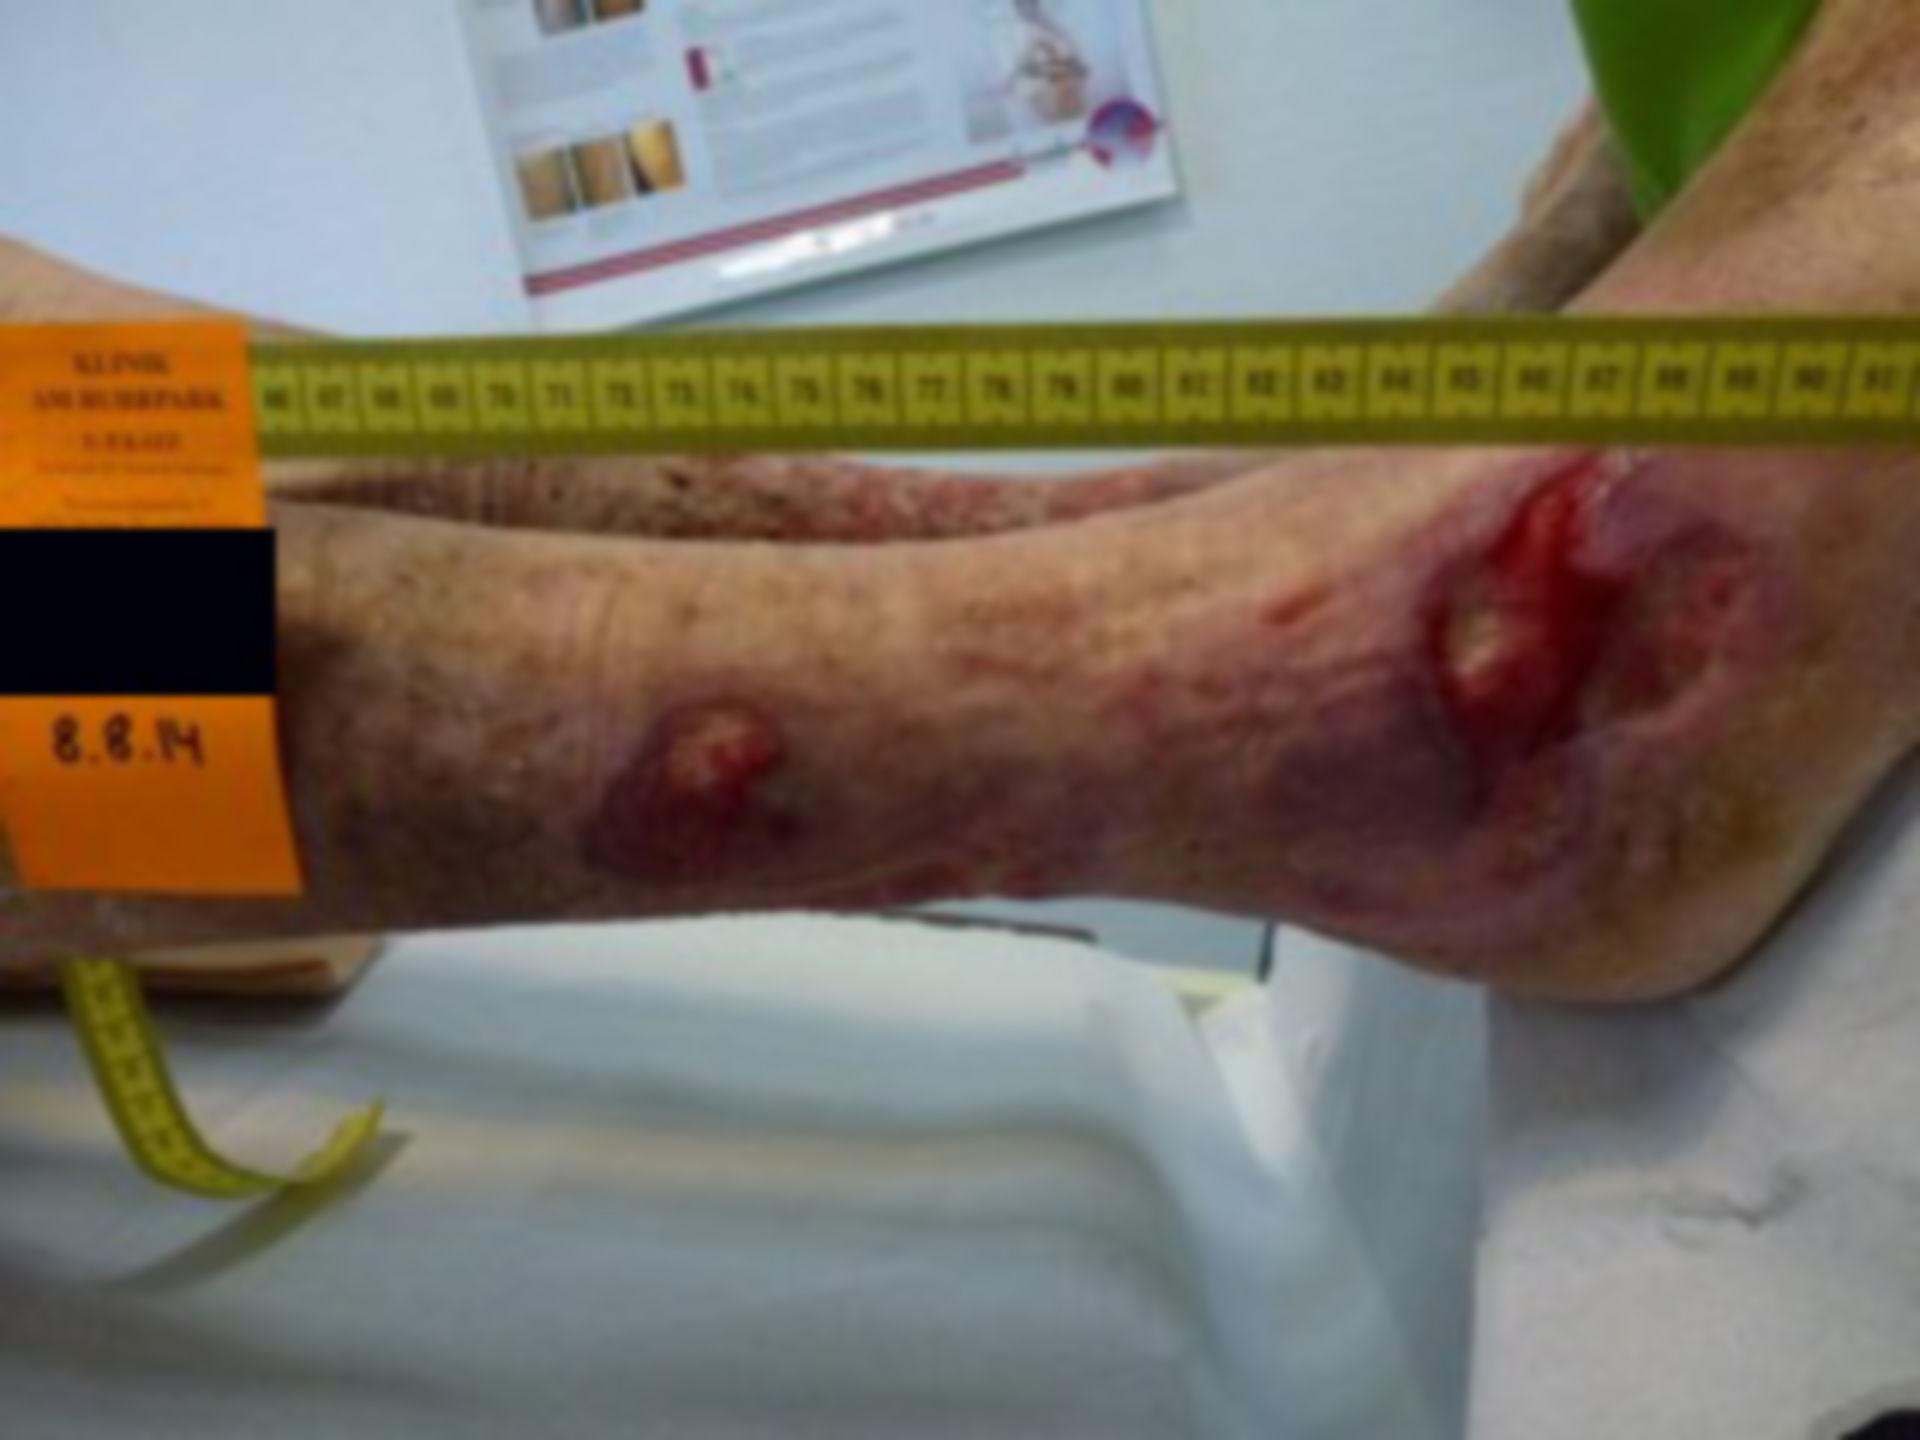 Úlcera de la pierna - abierta por 40 años (19)